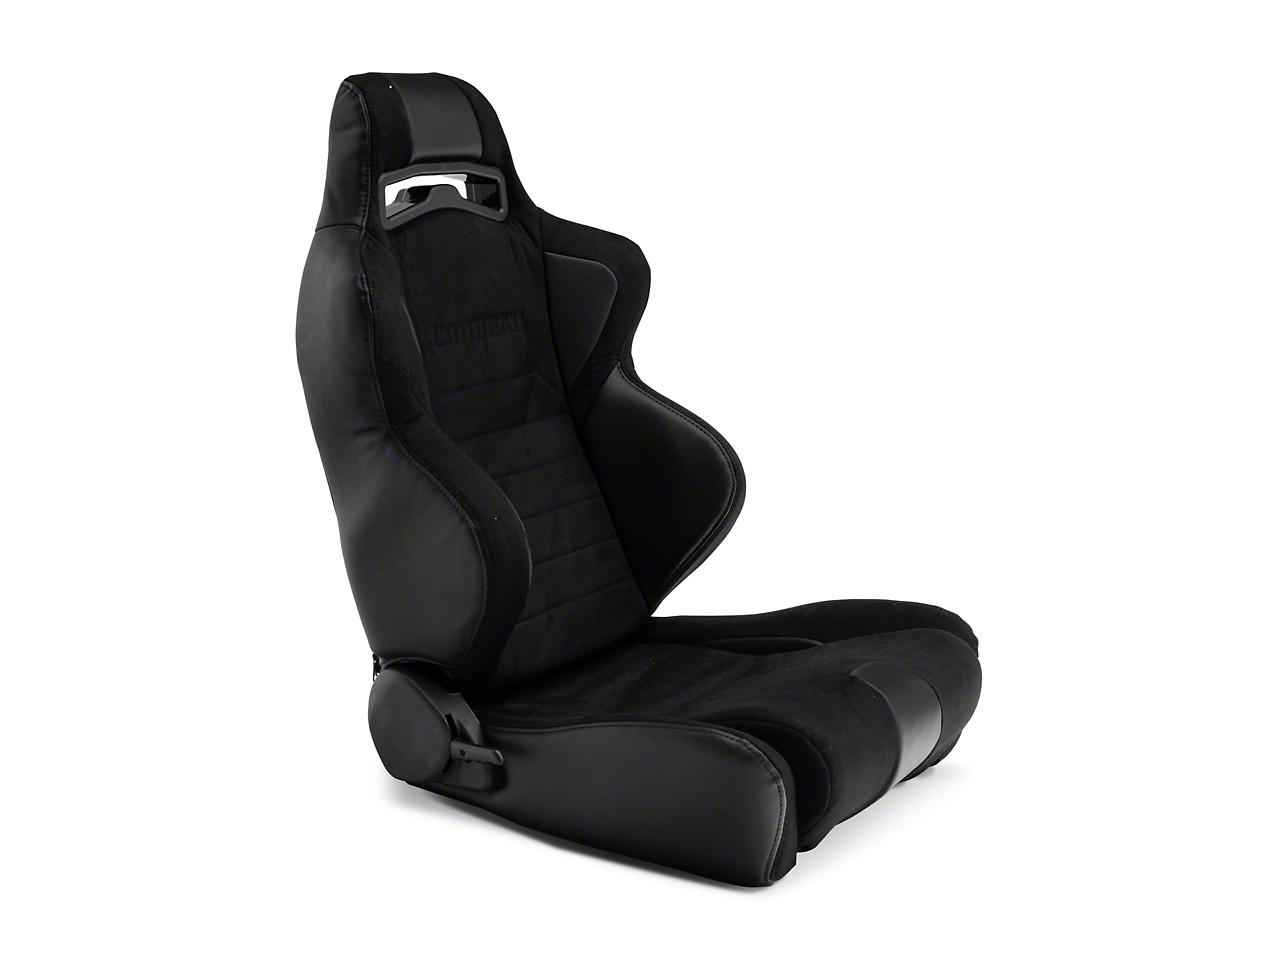 Corbeau LG1 Racing Seat - Black Microsuede - Pair (79-18 All)